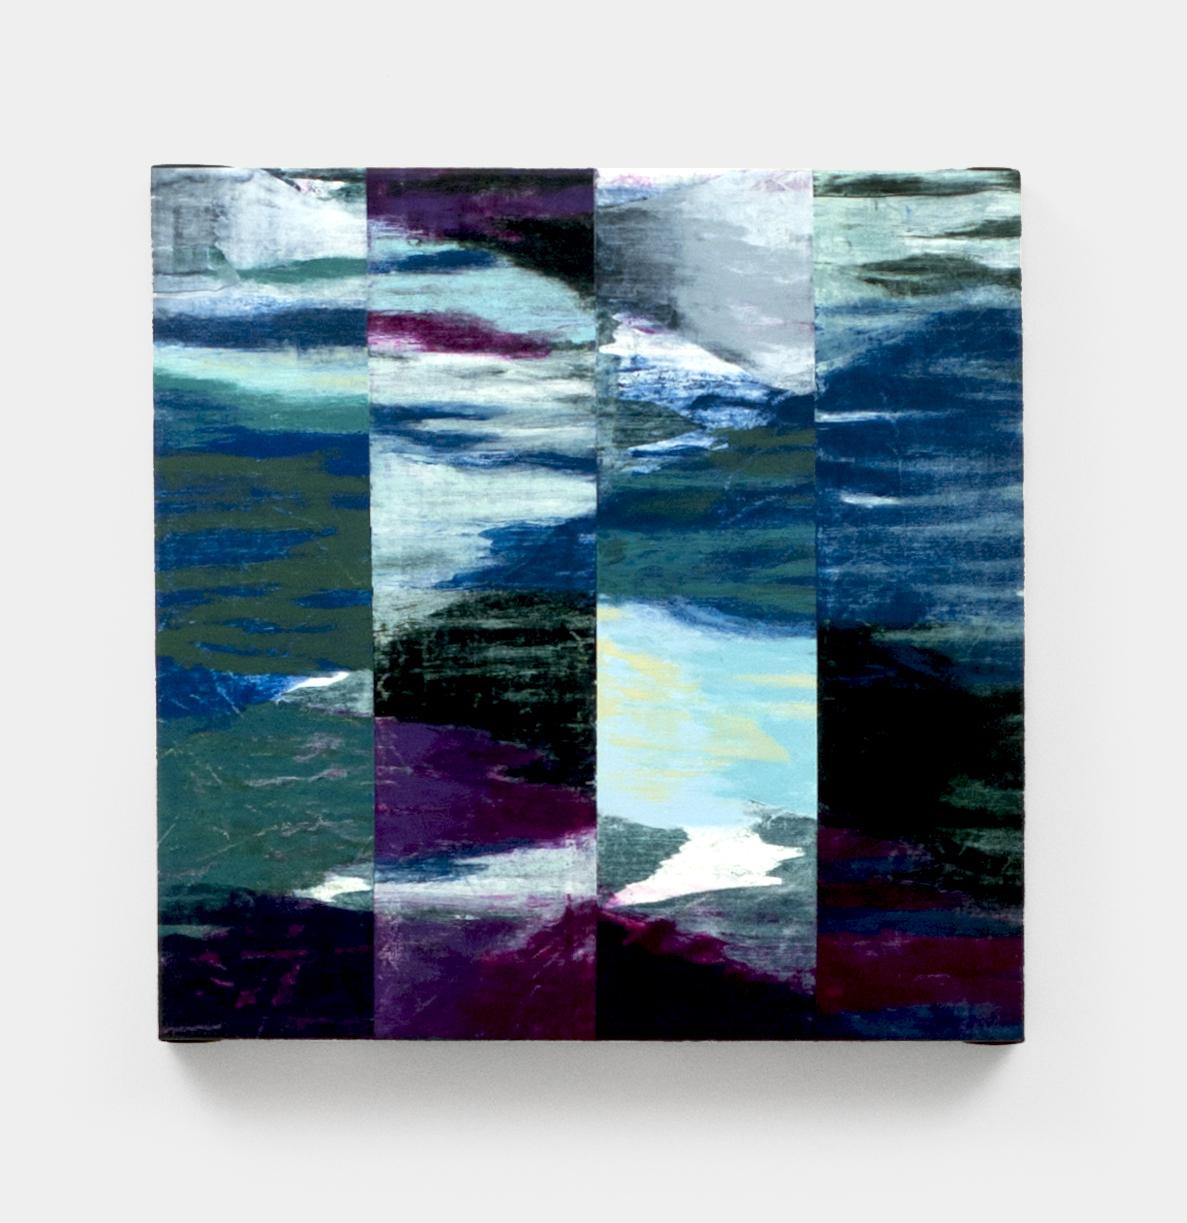 """JUT  , 2013  Acrylic on canvas  16 x 16"""" (41 x 41 cm)"""